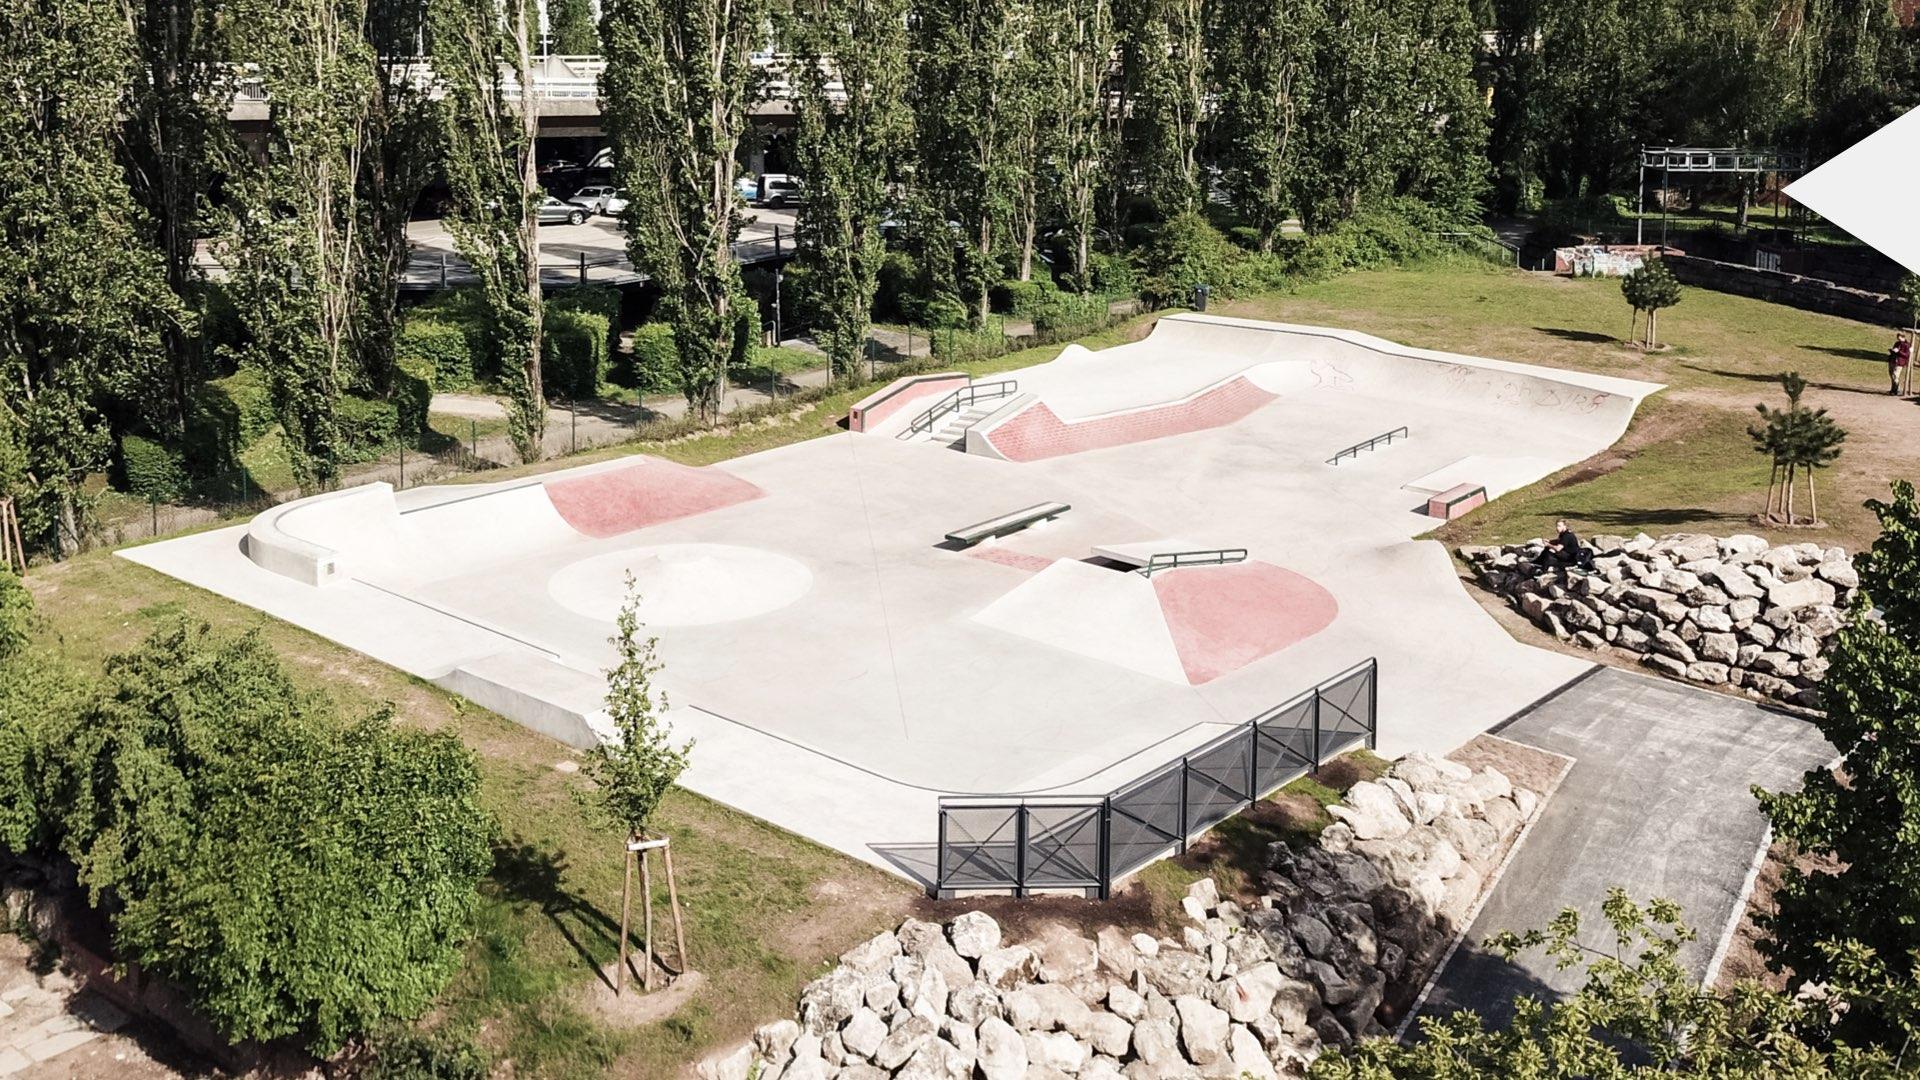 lndskt-saarbrcken-skatepark-landing.001